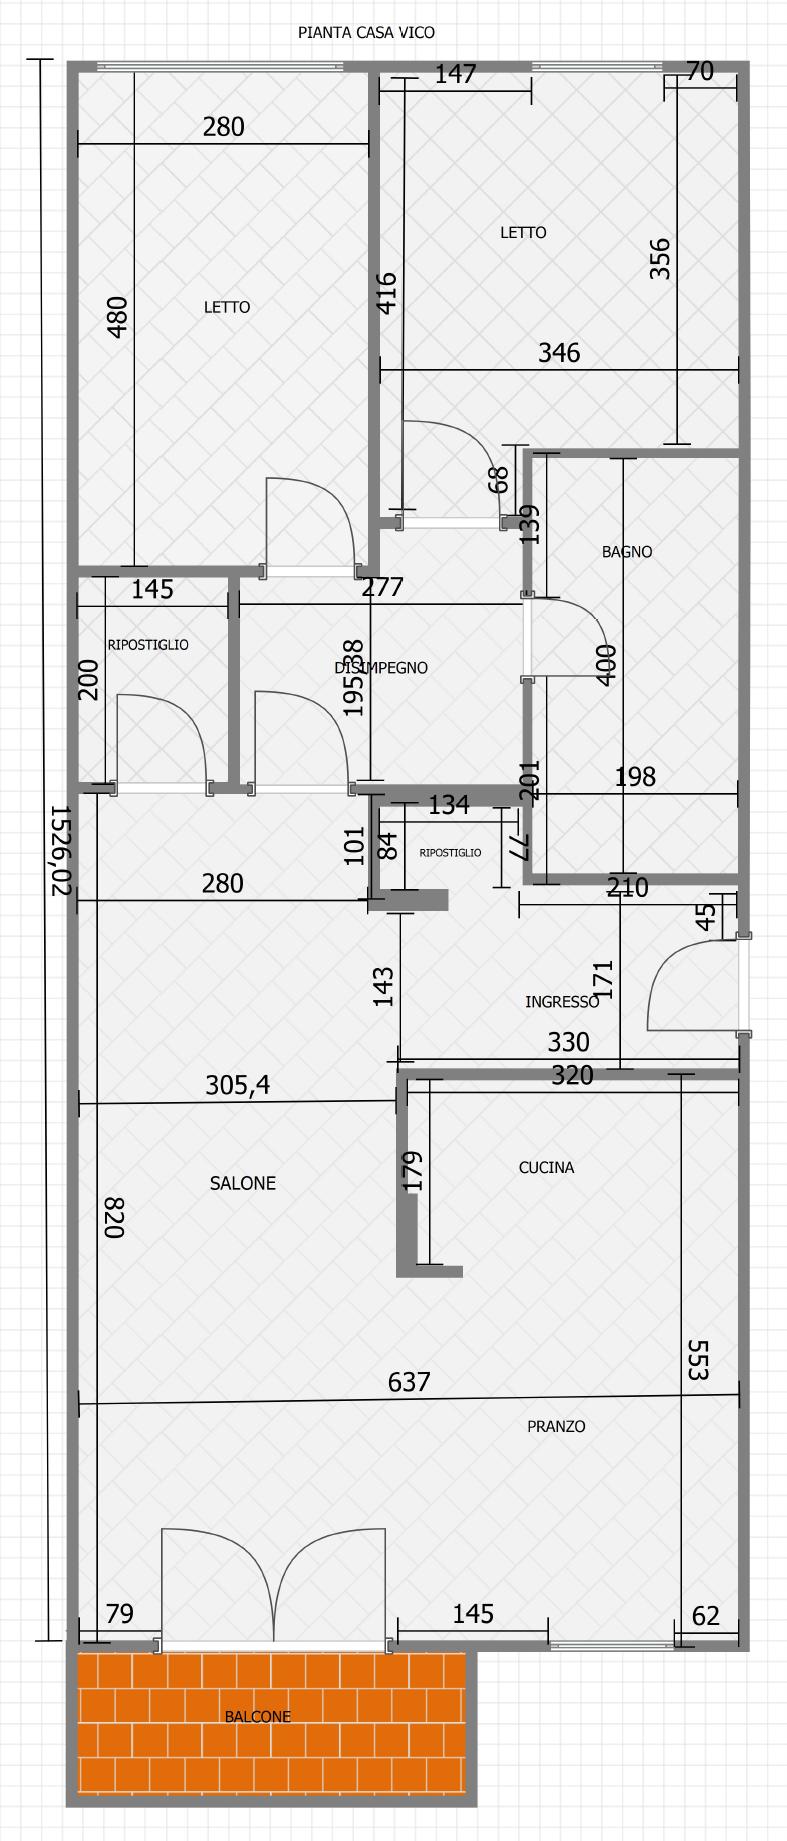 Plan 1/1 for ref. Au369